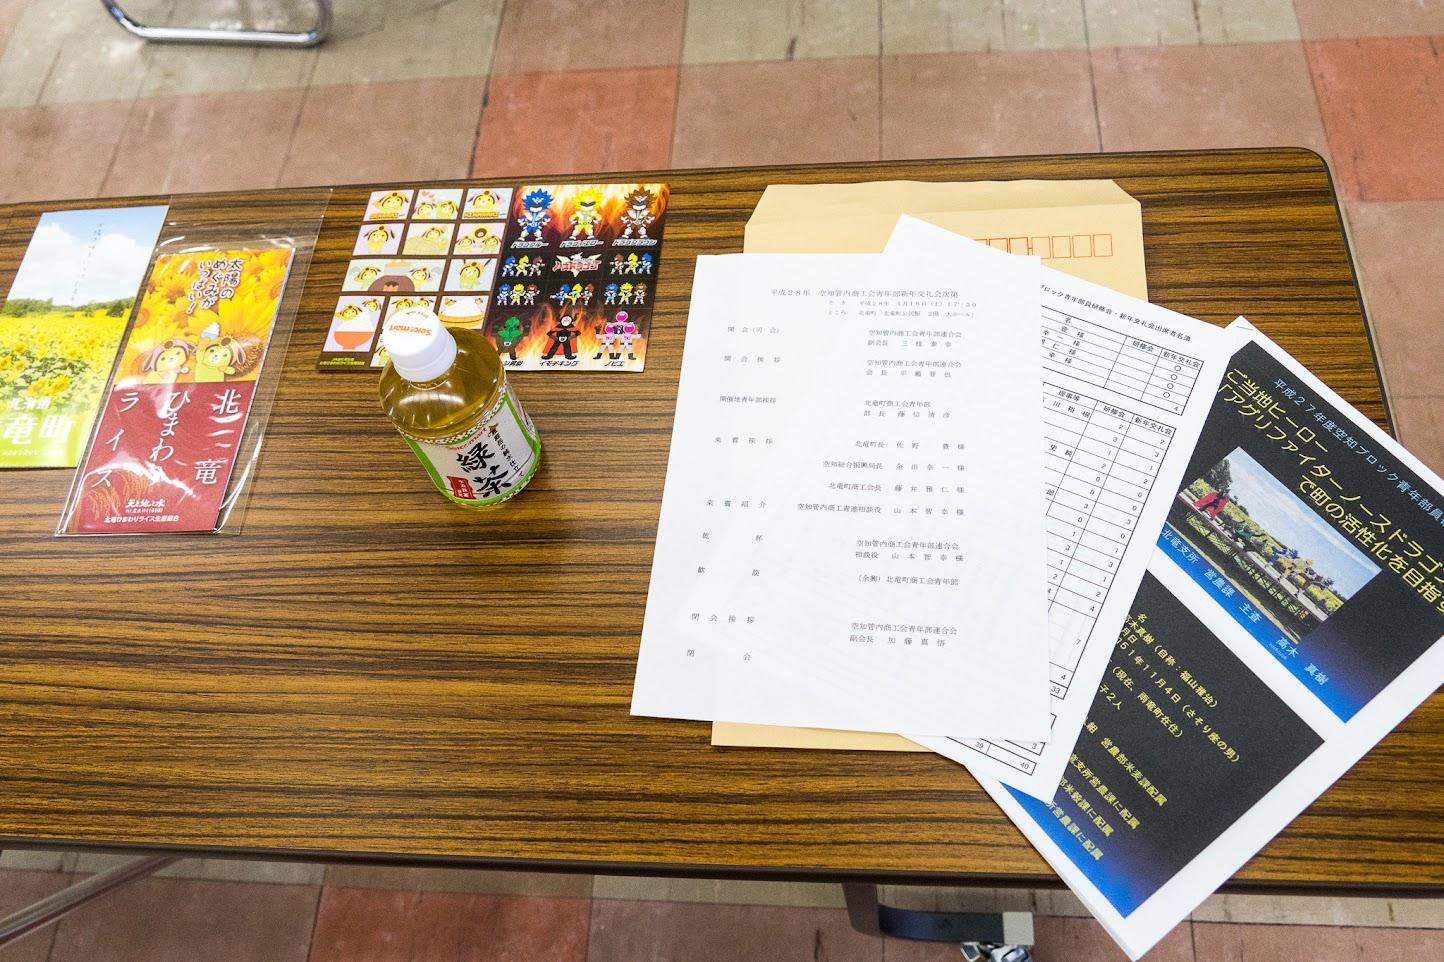 平成28年 空知ブロック青年部員研修会・新年交礼会 資料